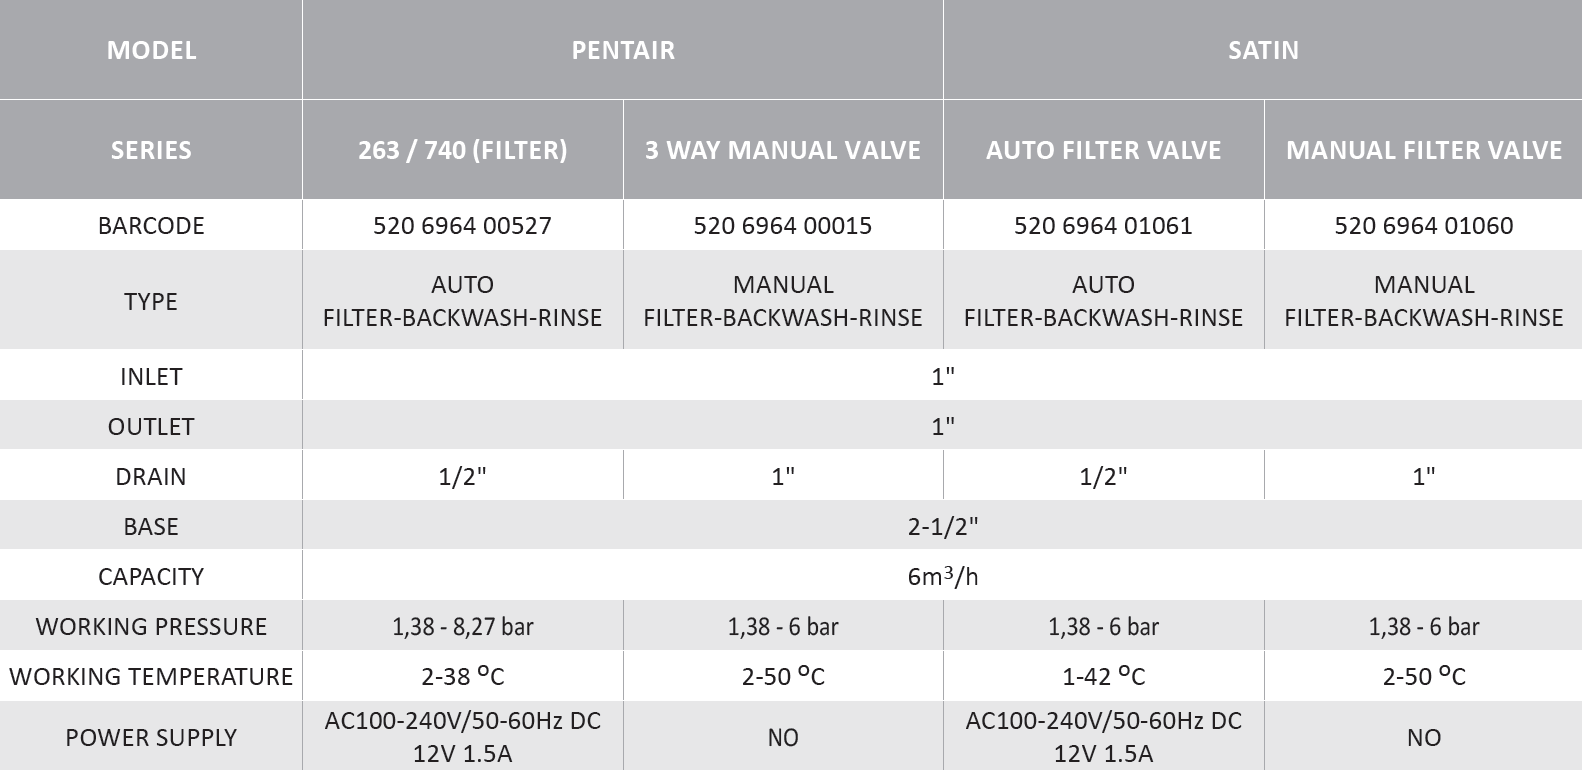 filter_valves.png